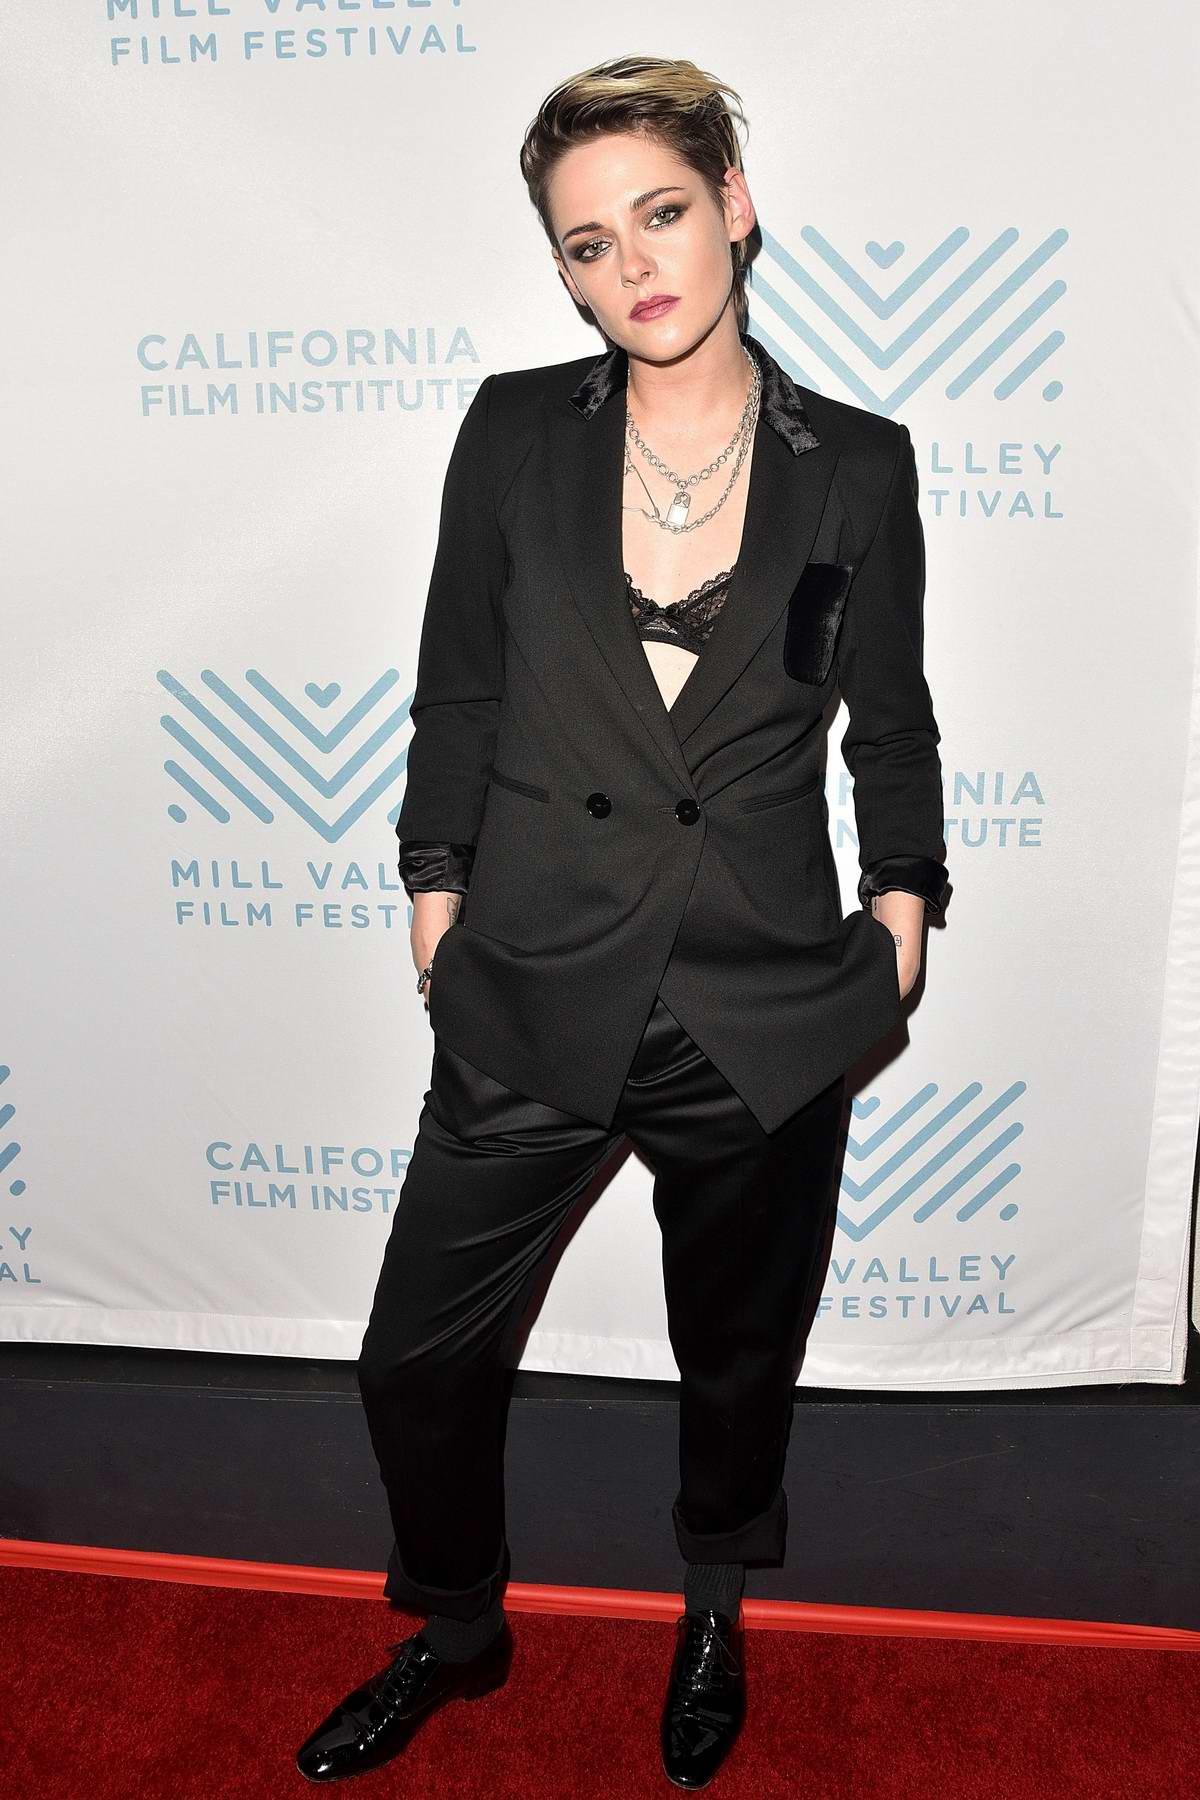 Kristen Stewart attends 'Spotlight On Kristen Stewart' for 'Seberg' during the 42nd Mill Valley Film Festival in San Rafael, California